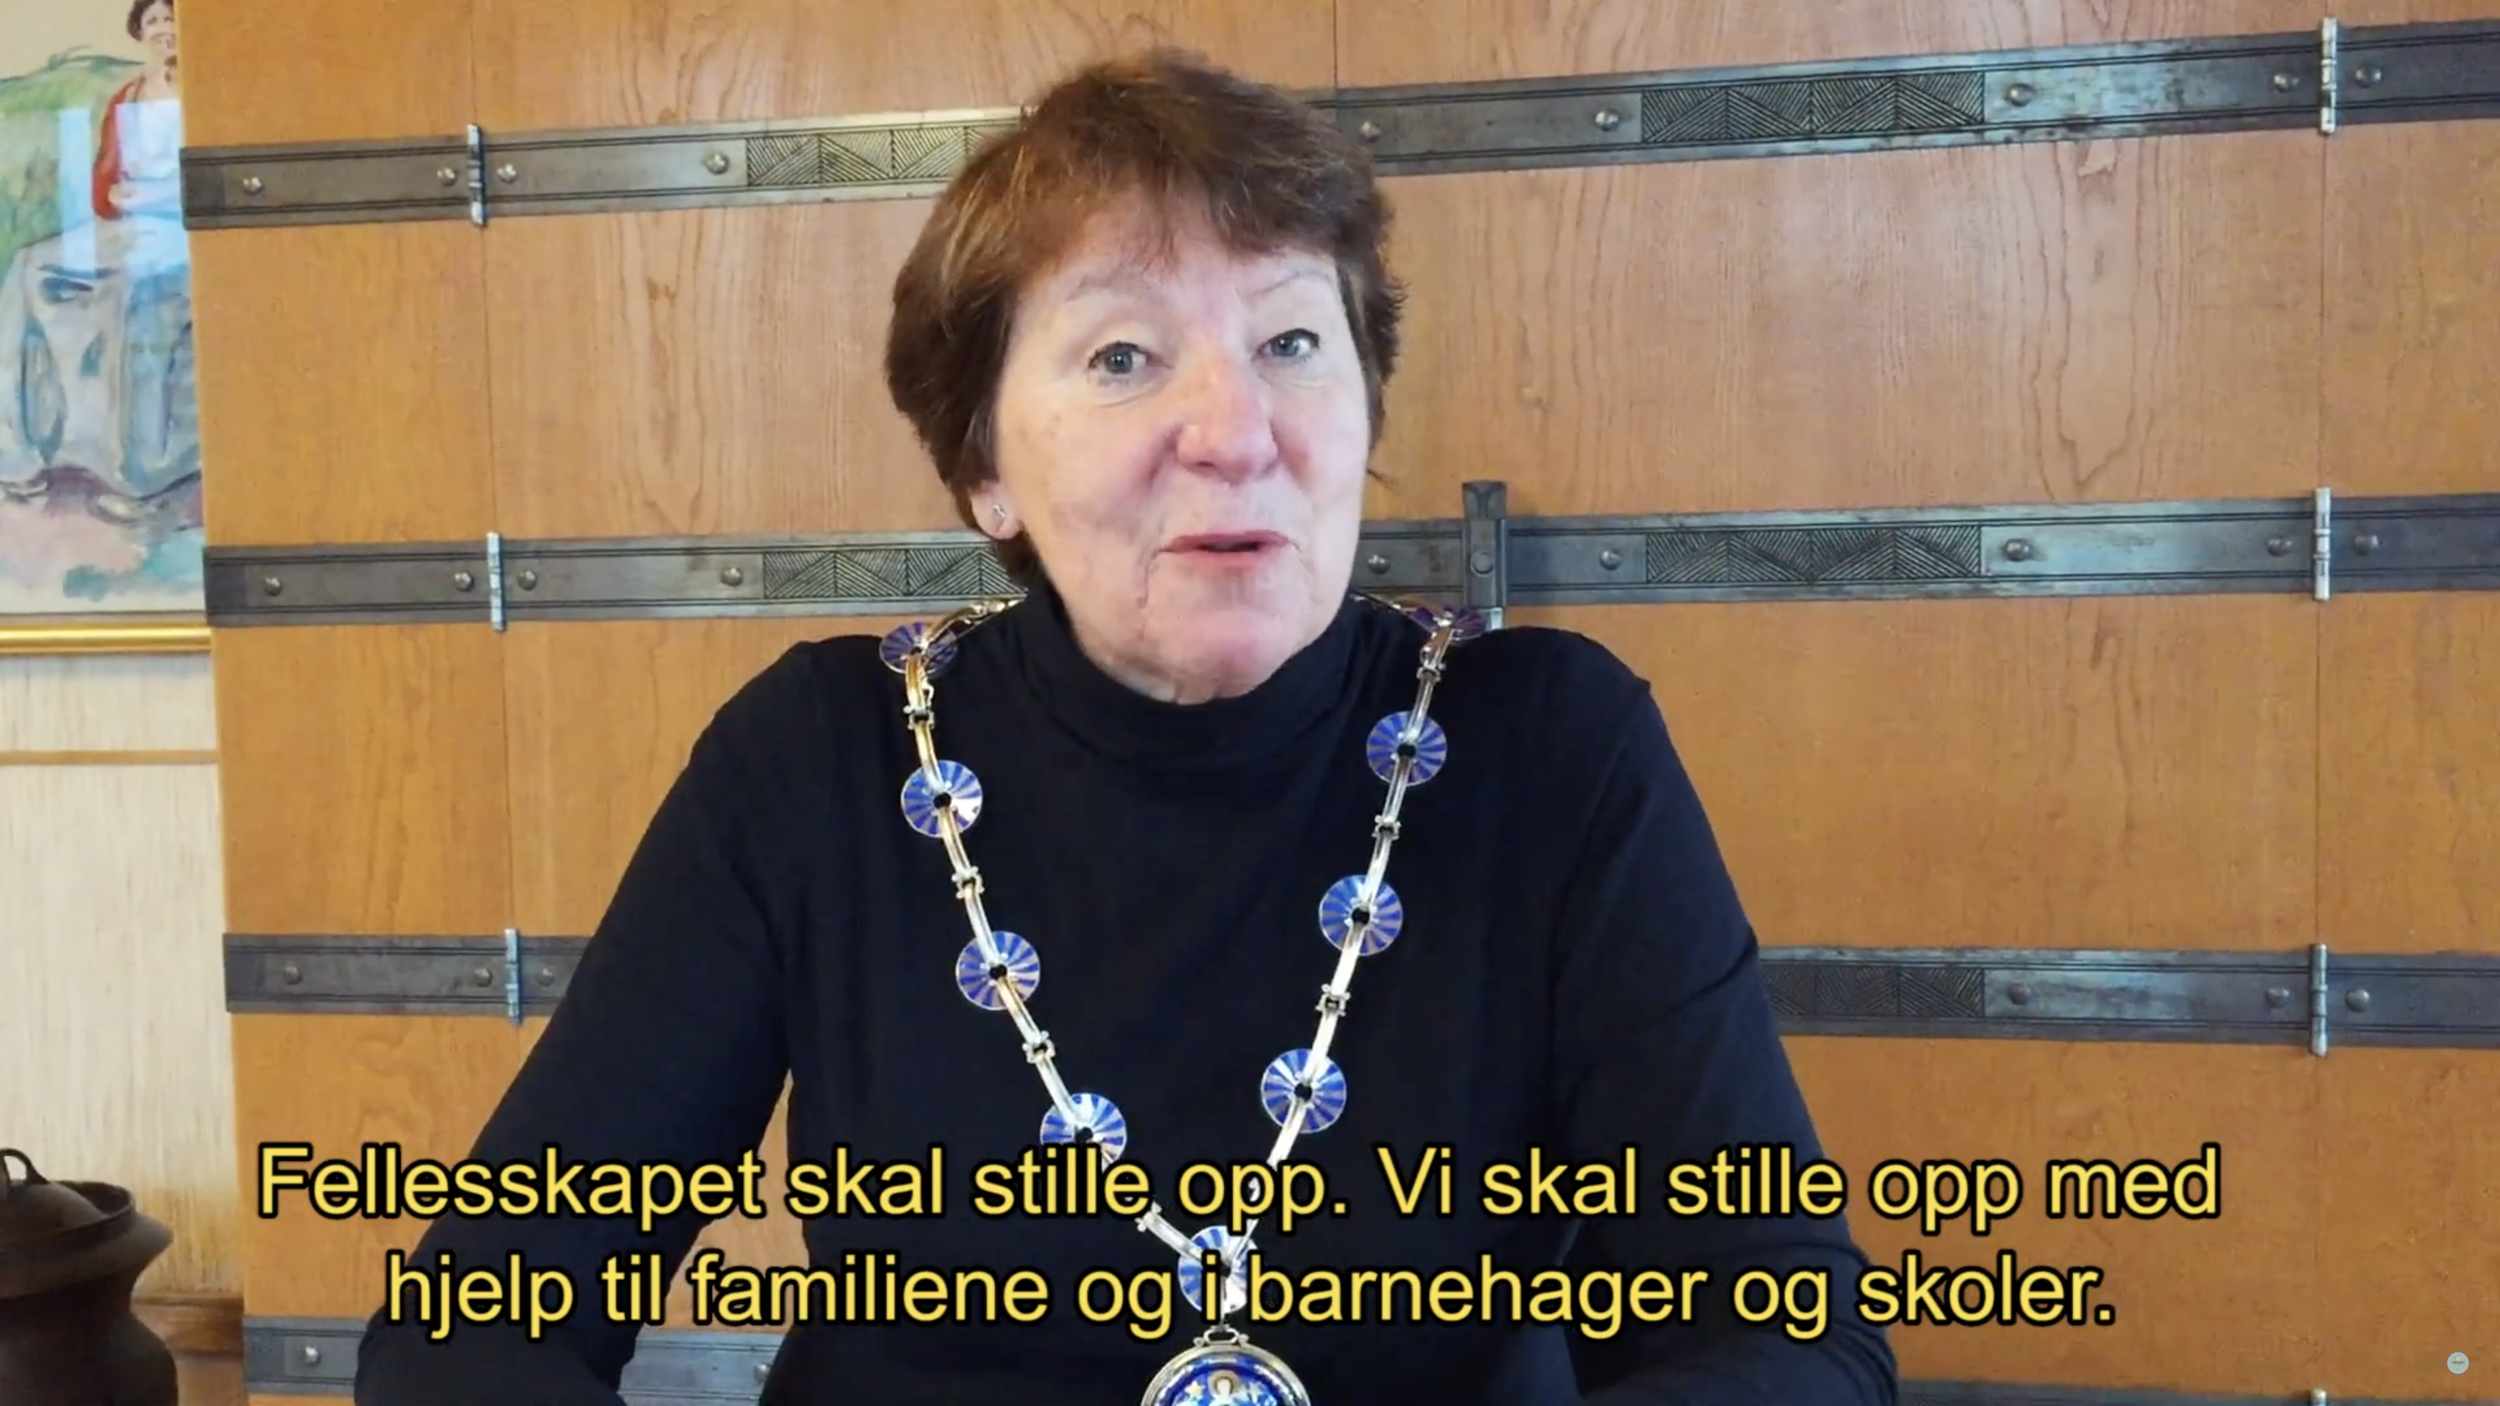 Appeal from Oslo mayor Marianne Borgen